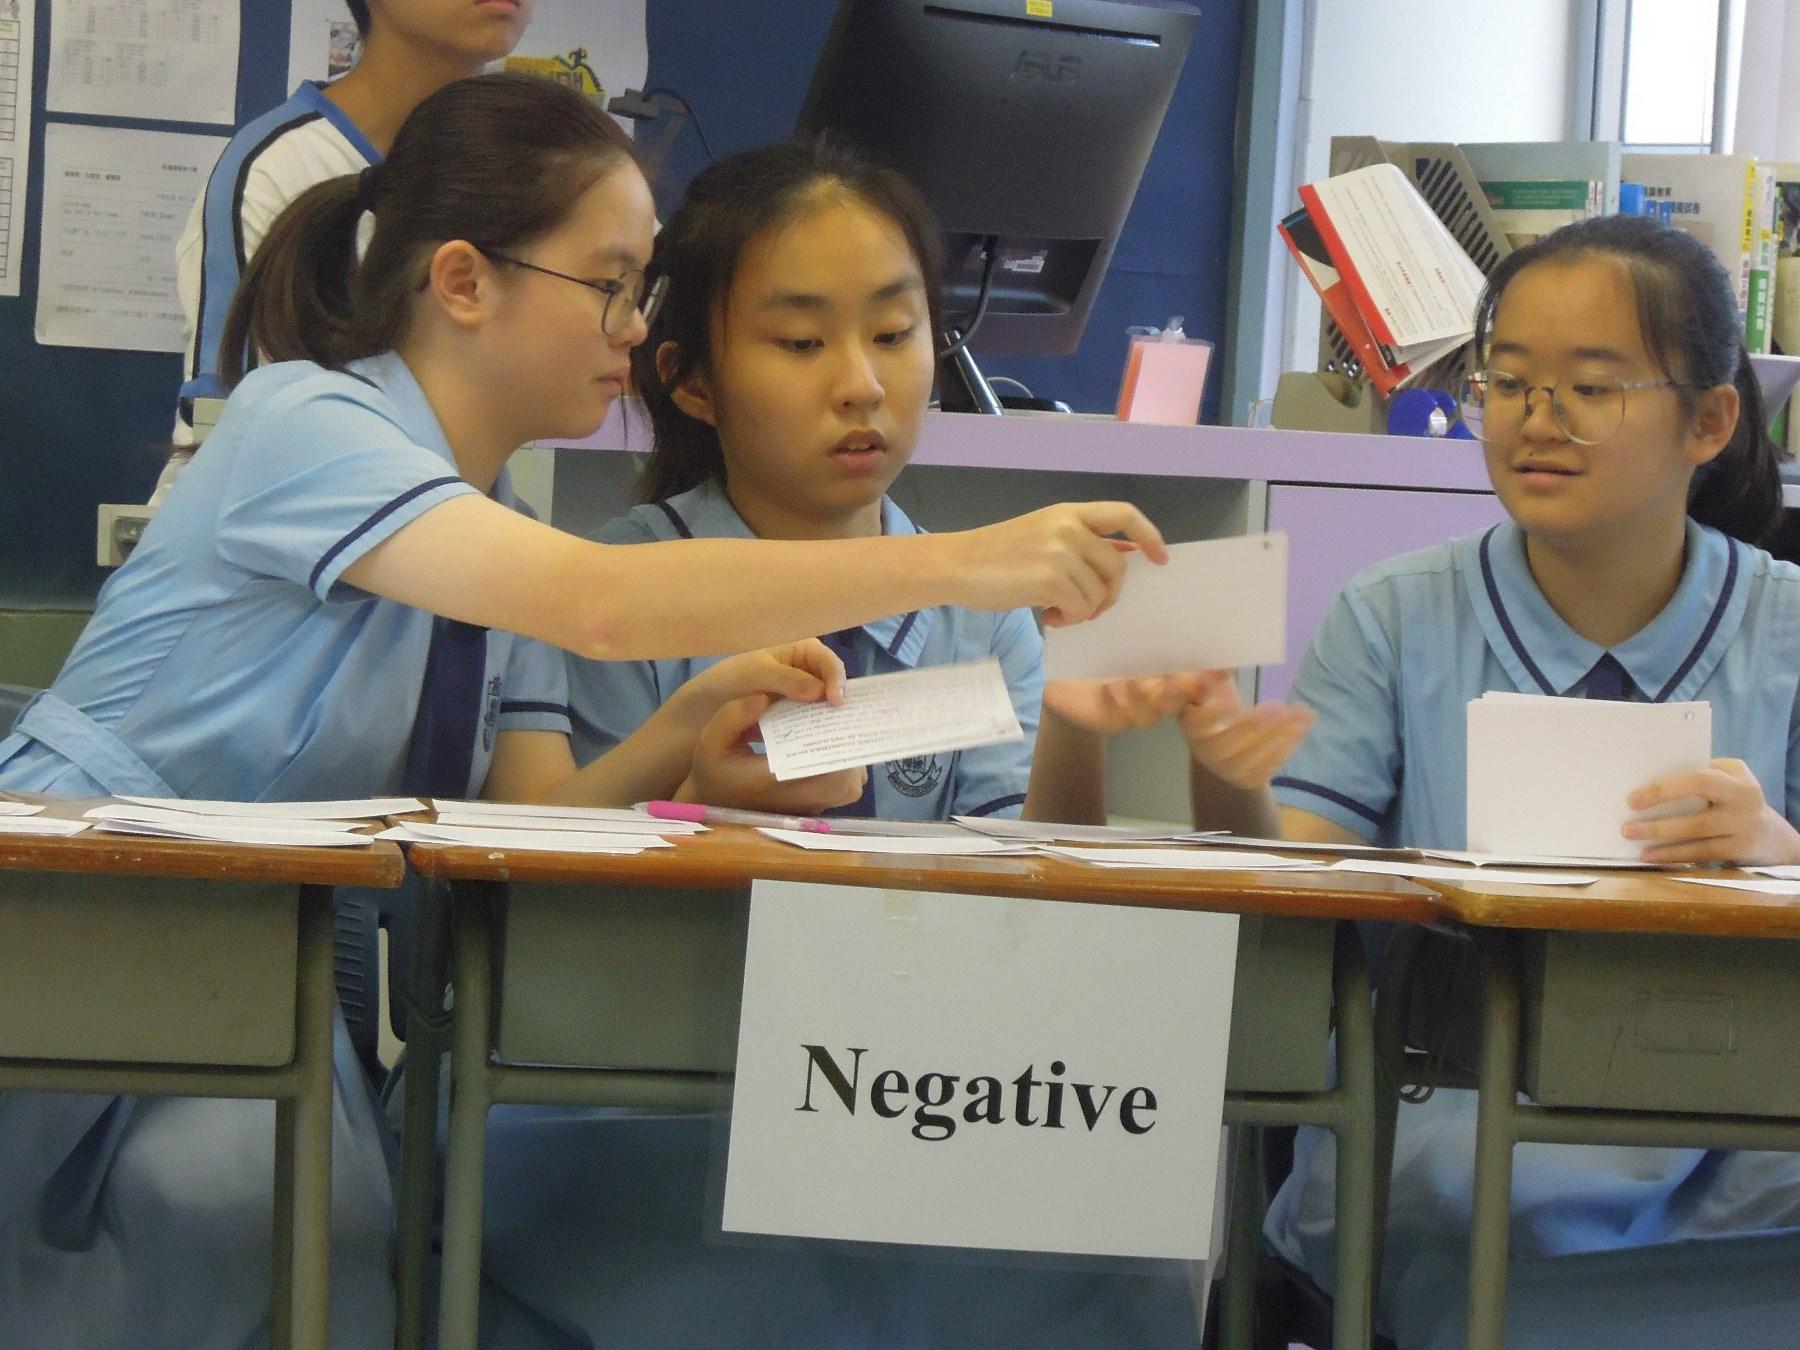 http://npc.edu.hk/sites/default/files/n1_reb.jpg